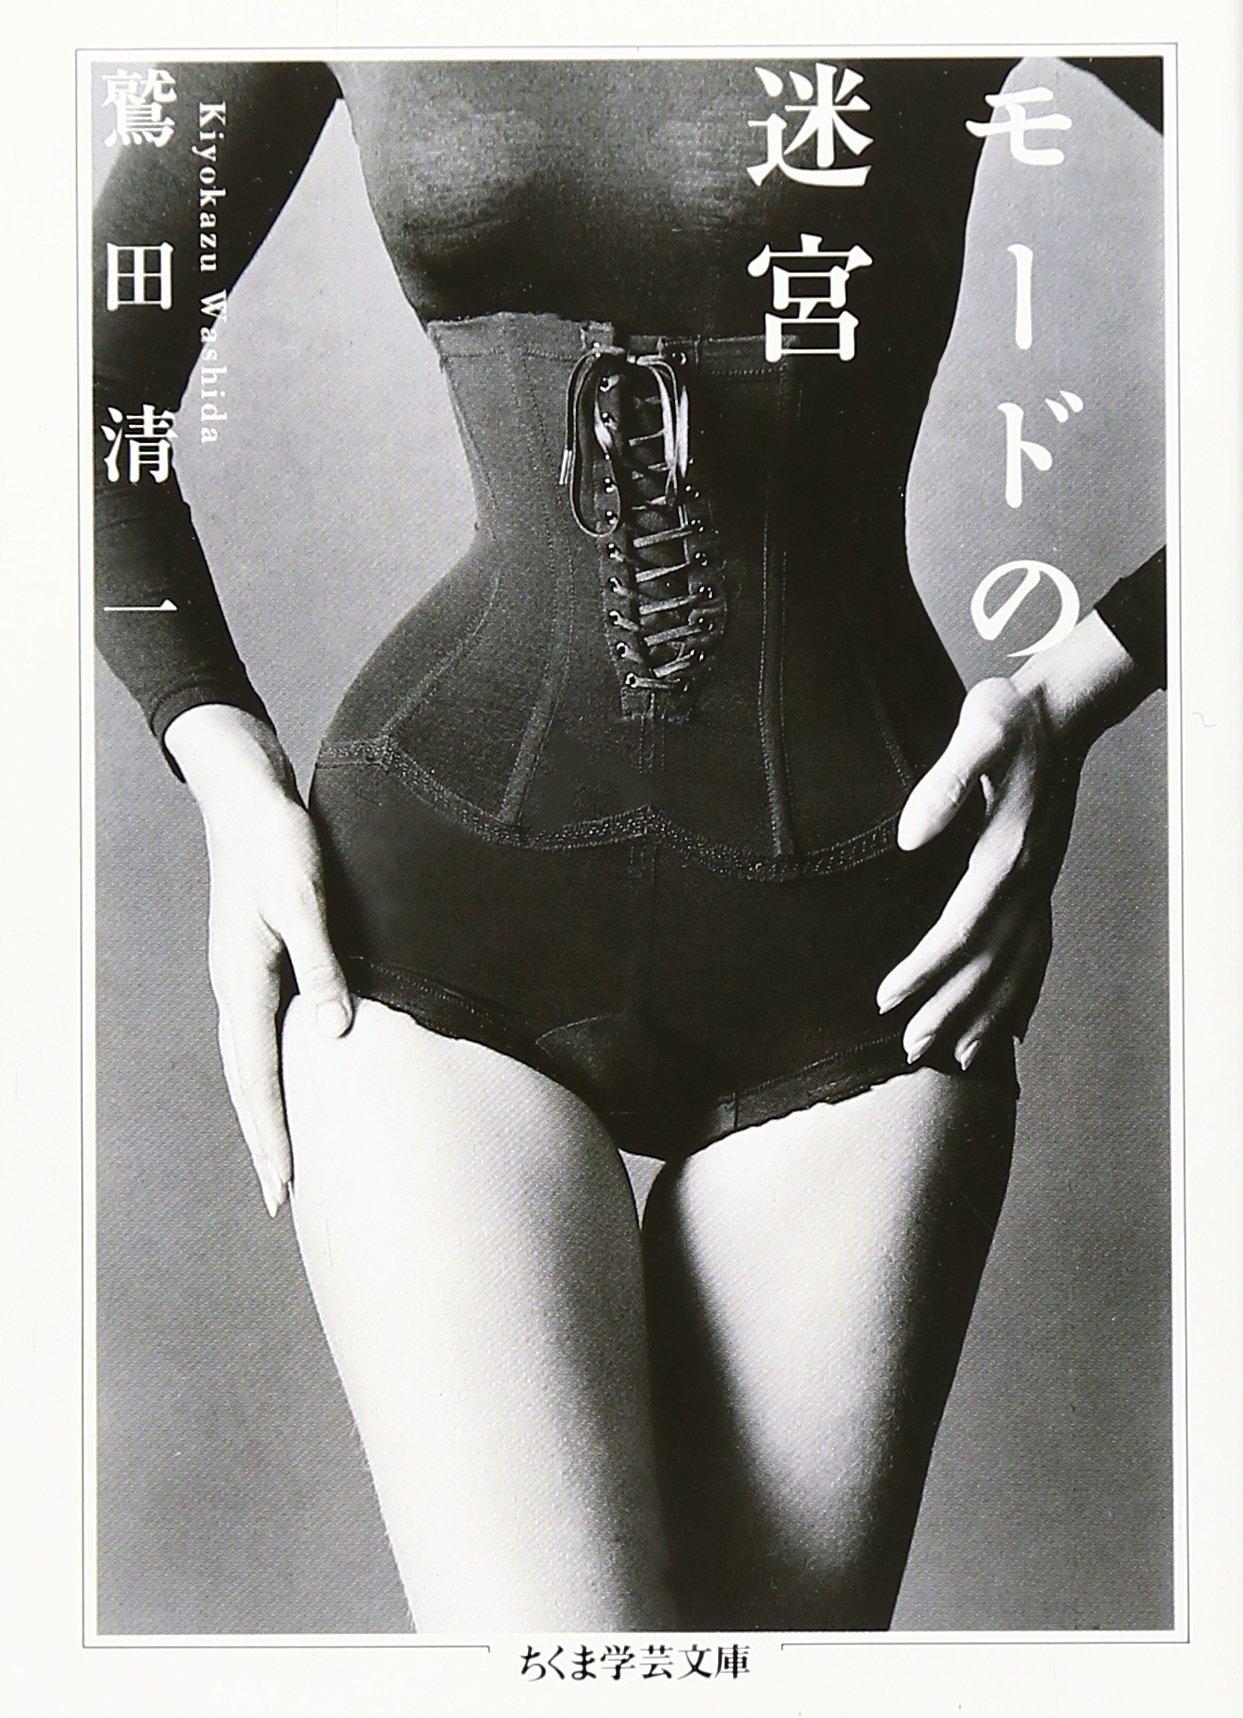 鷲田清一(1996)『モードの迷宮』ちくま学芸文庫